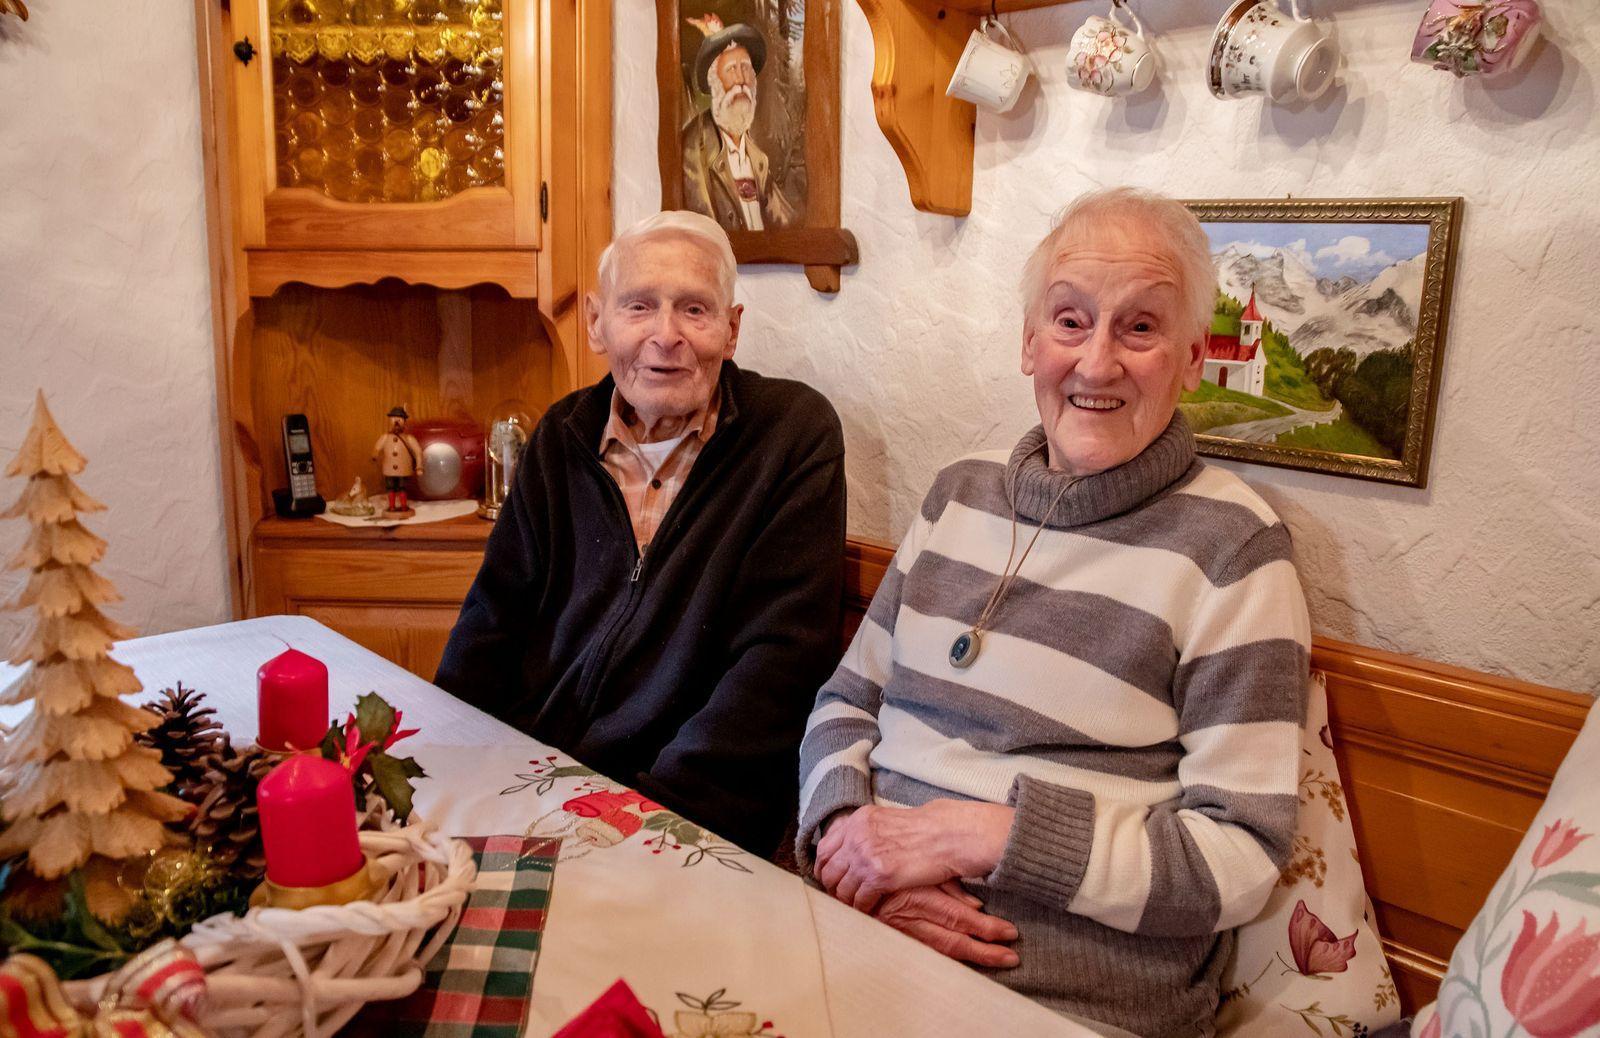 SEK stürmt Wohnung von Seniorin